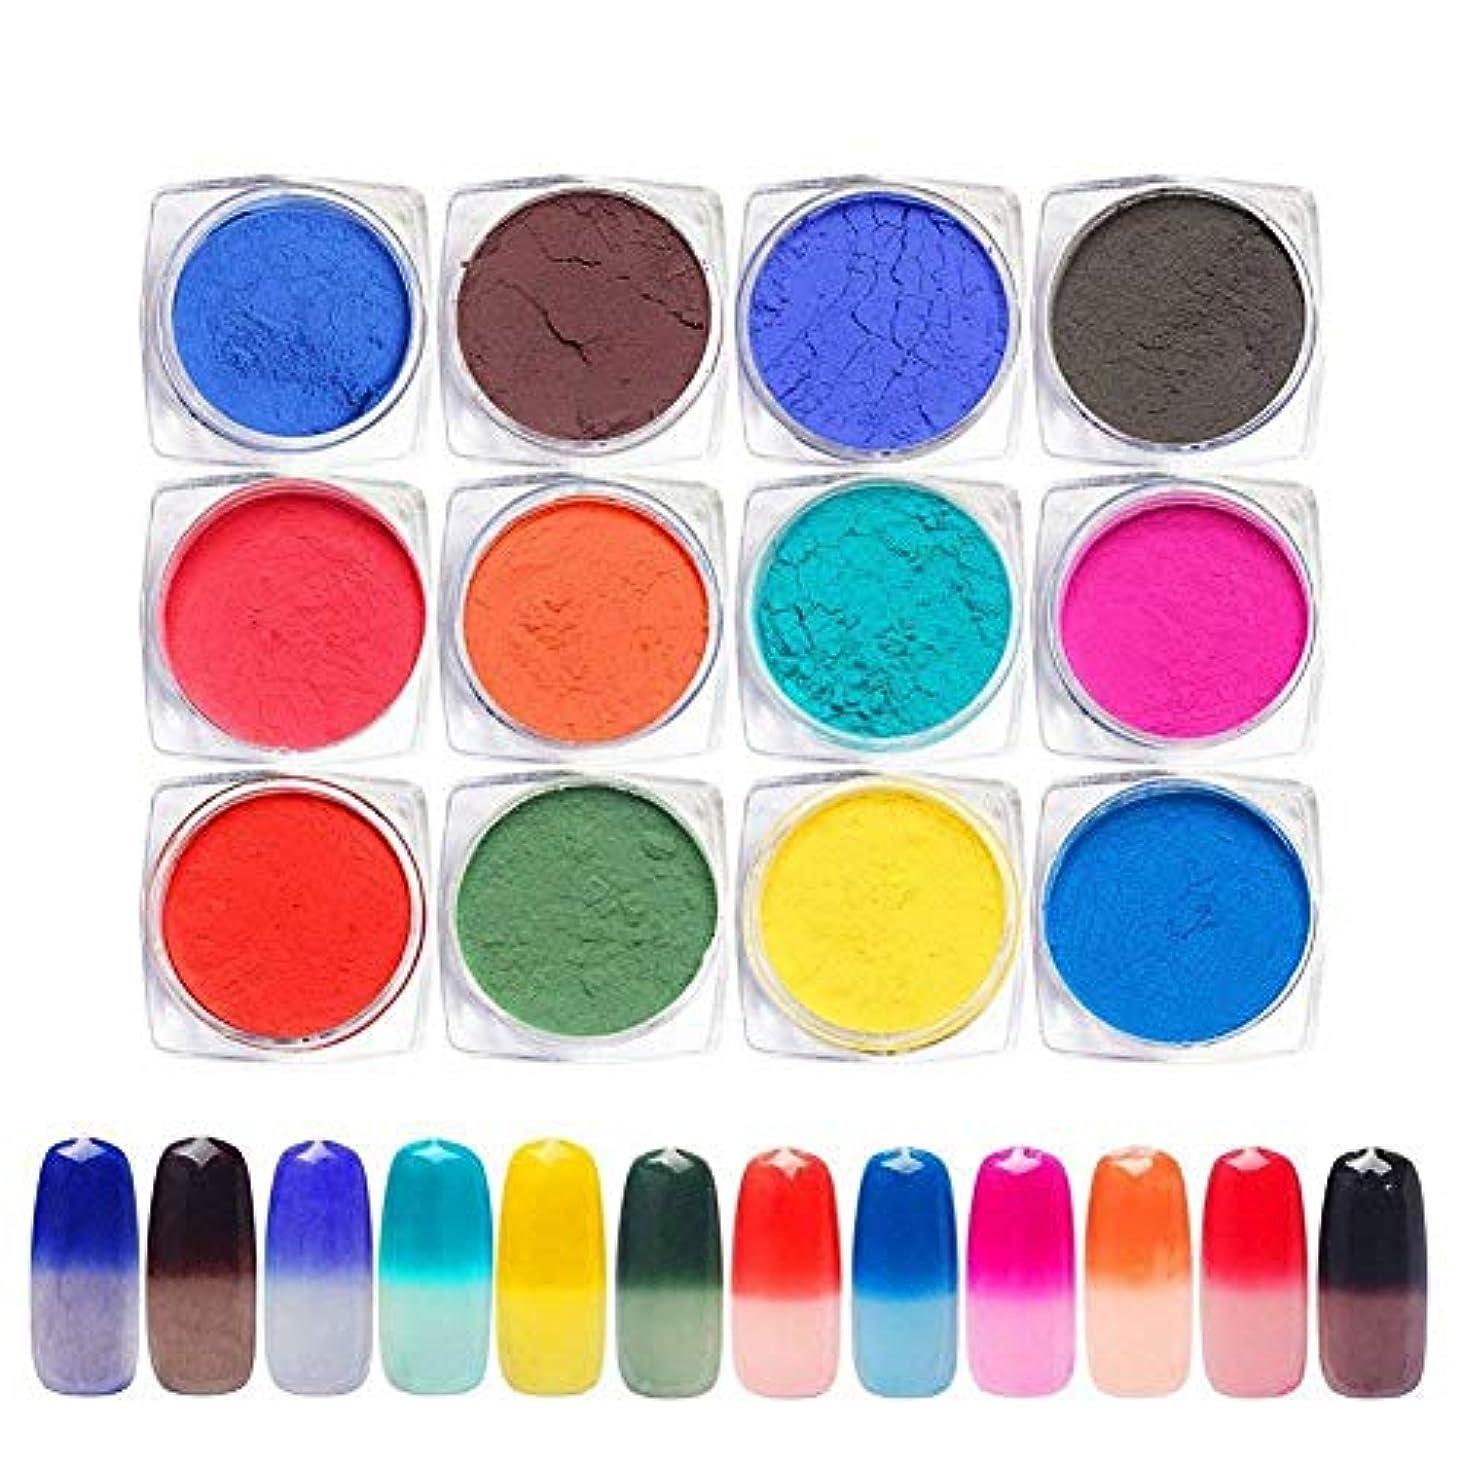 生じる弱めるちなみに12色セット 温度によって色が変わるパウダー 変色ネイルパウダー ネイルパーツ ジェルネイル ネイルアート1g入り